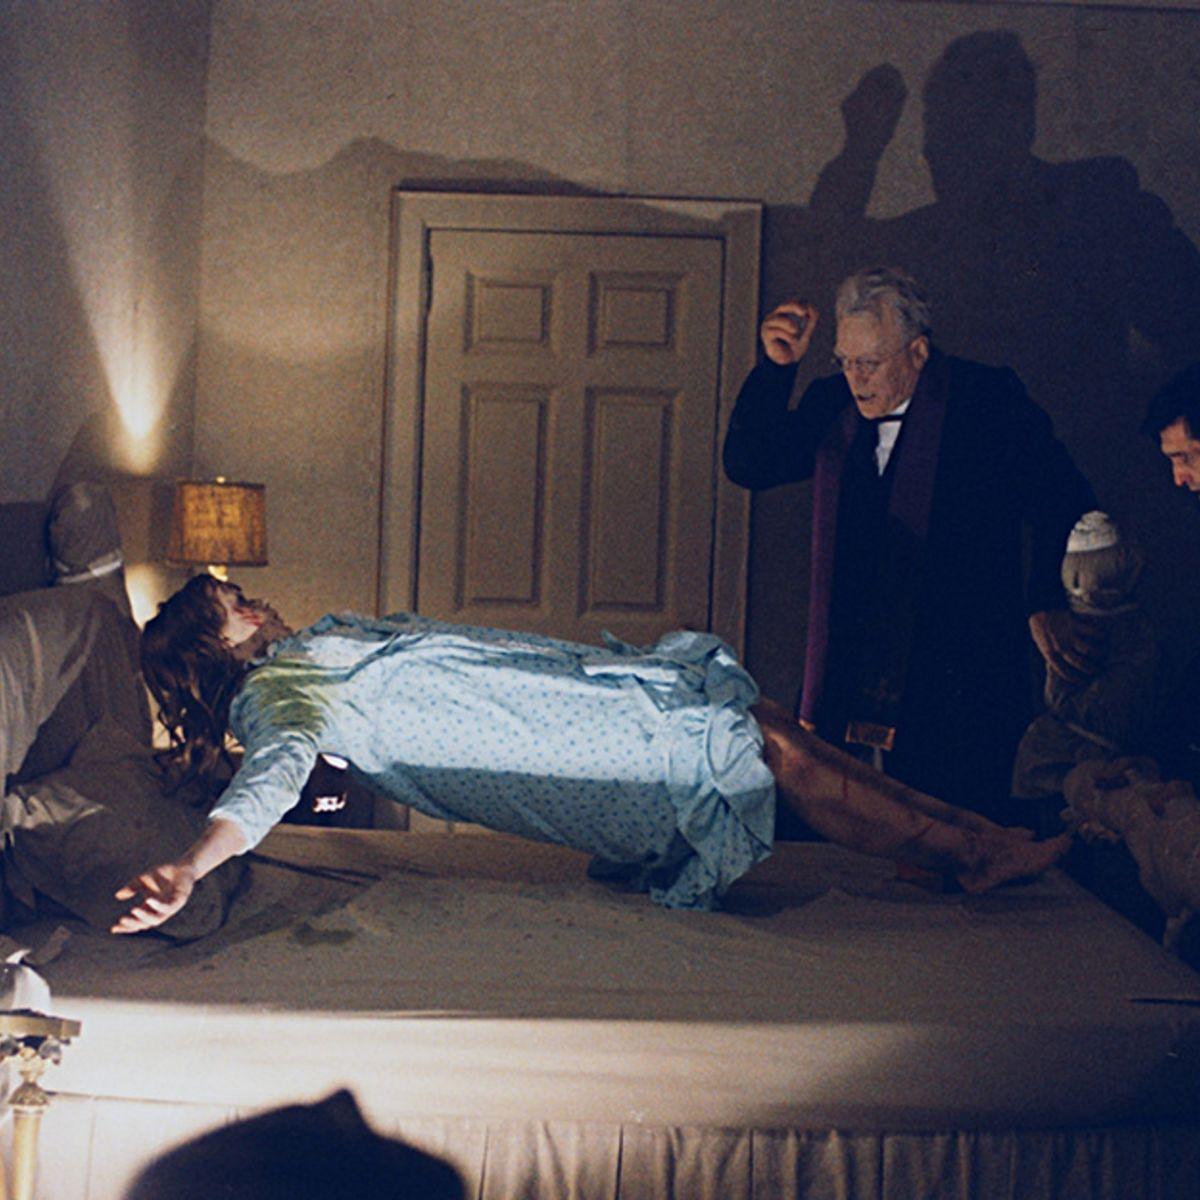 The-Exorcist-2.jpg